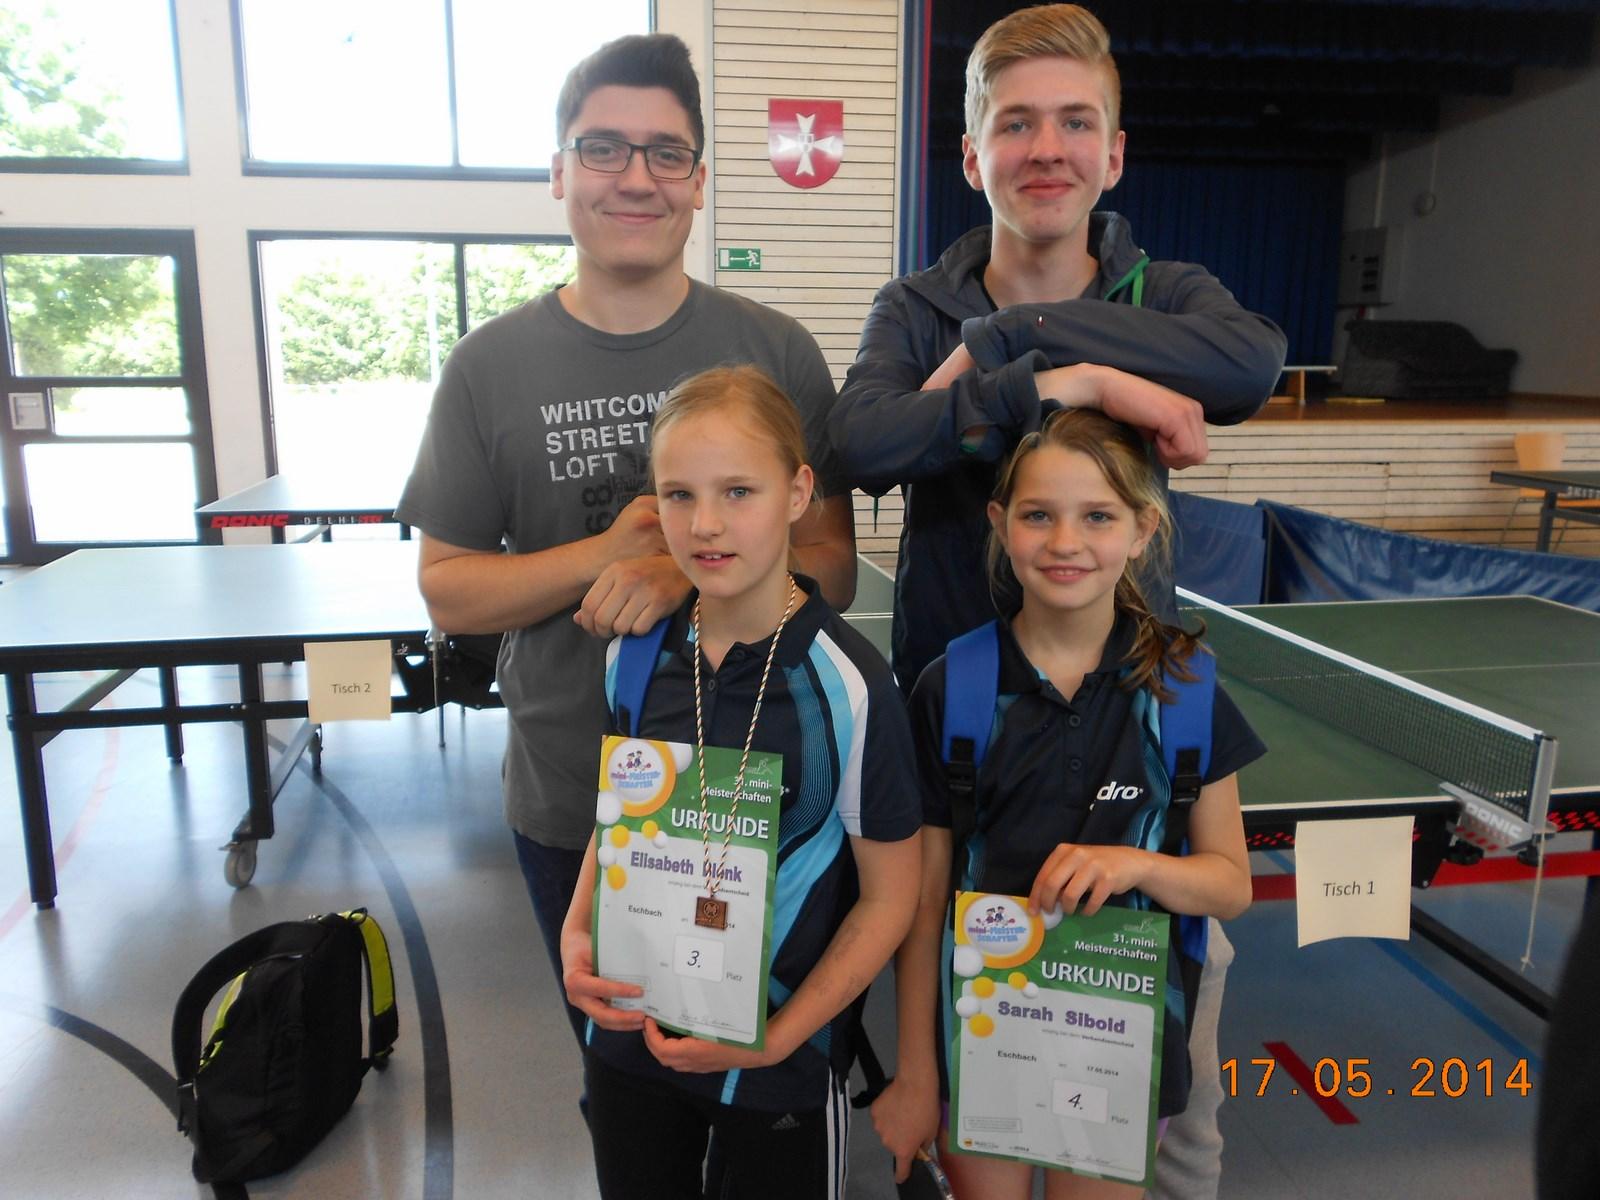 Foto von Adrian, Joshua, Sarah und Elisabeth